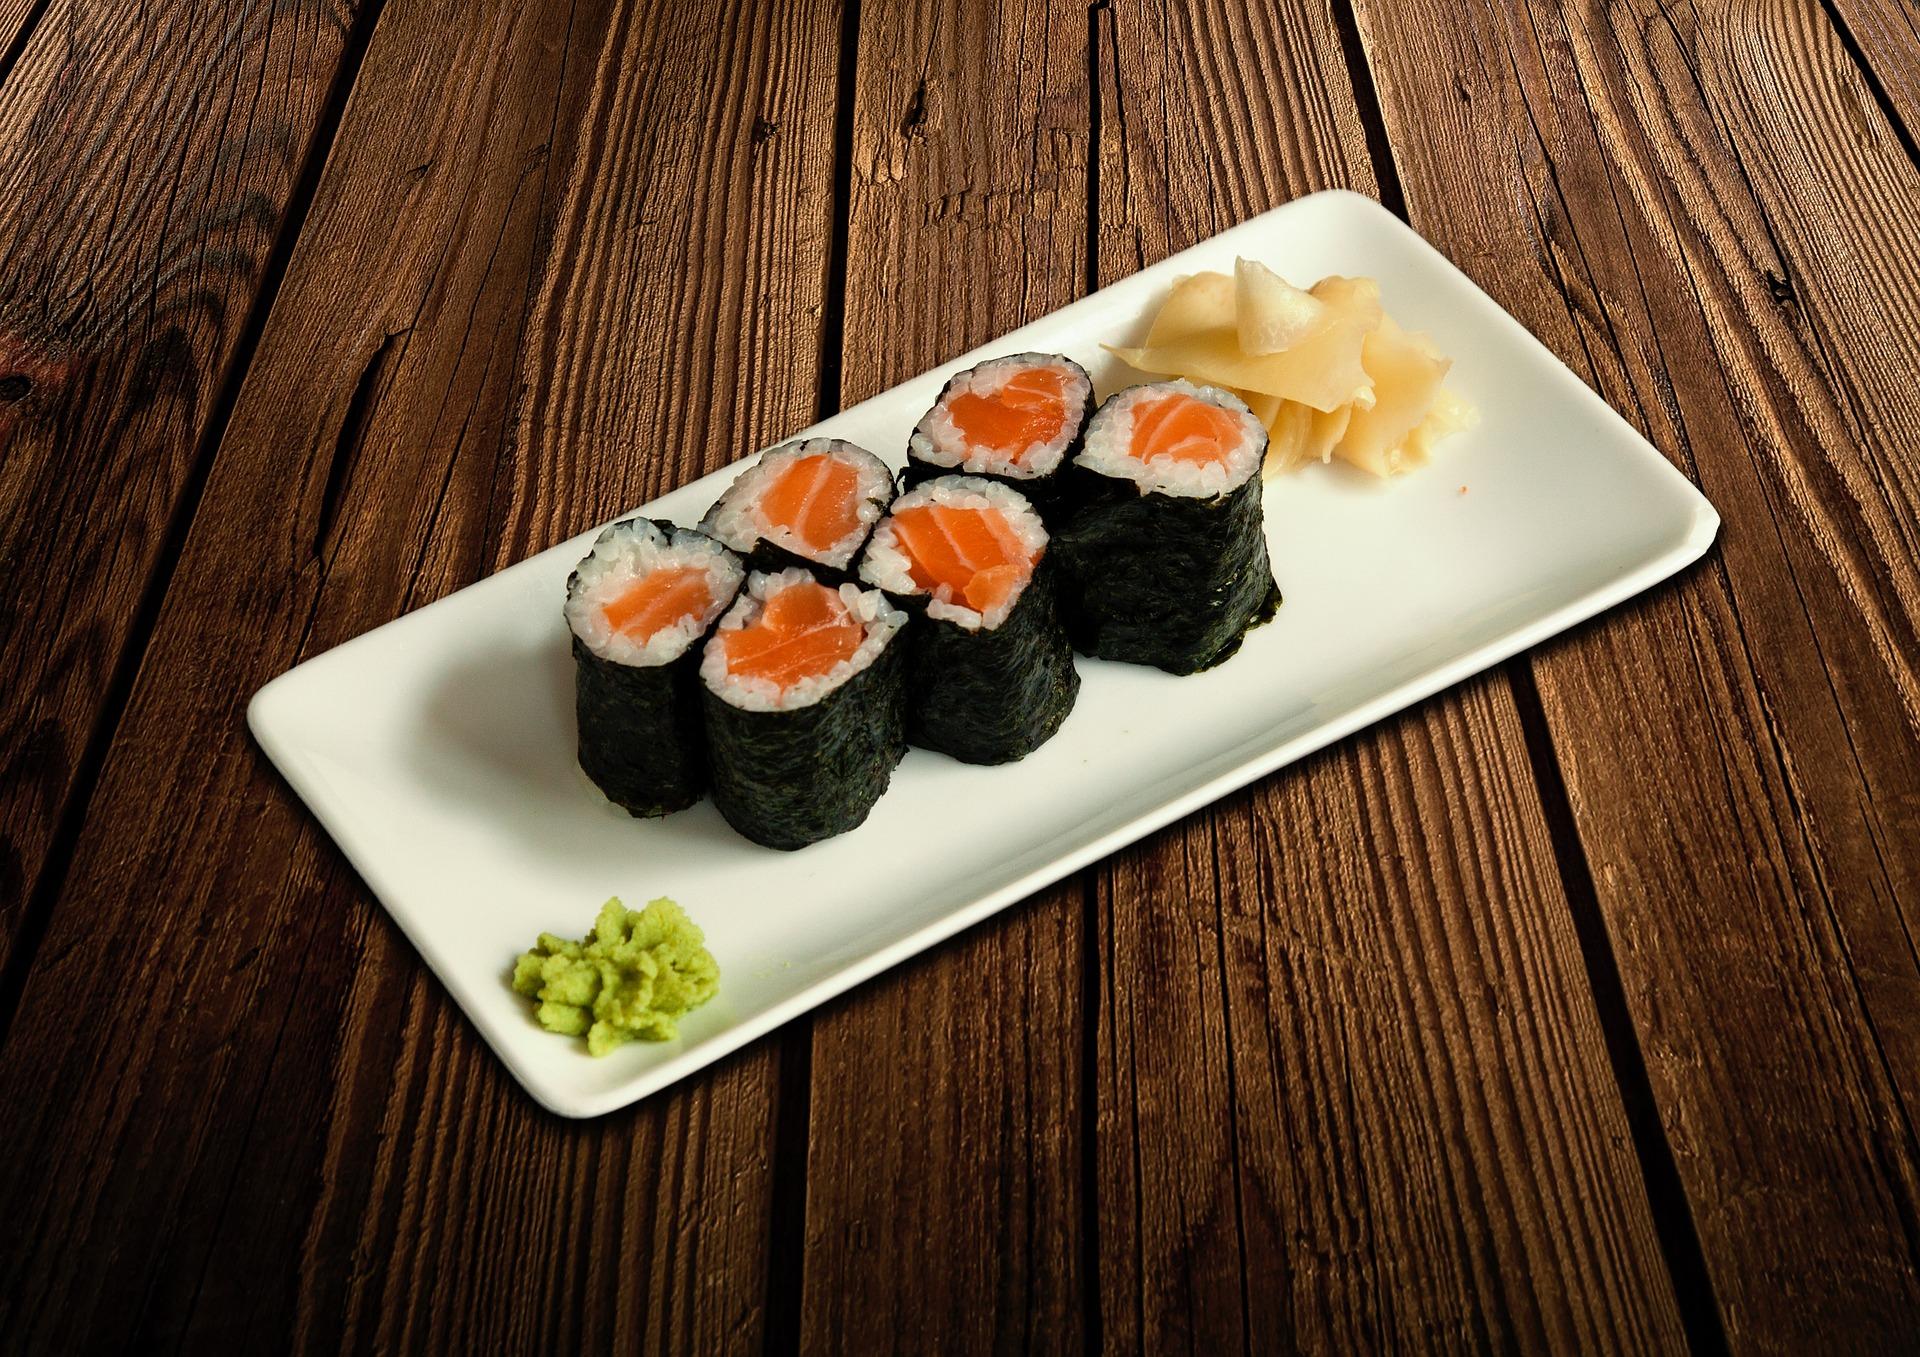 mangiare sushi con diarrea